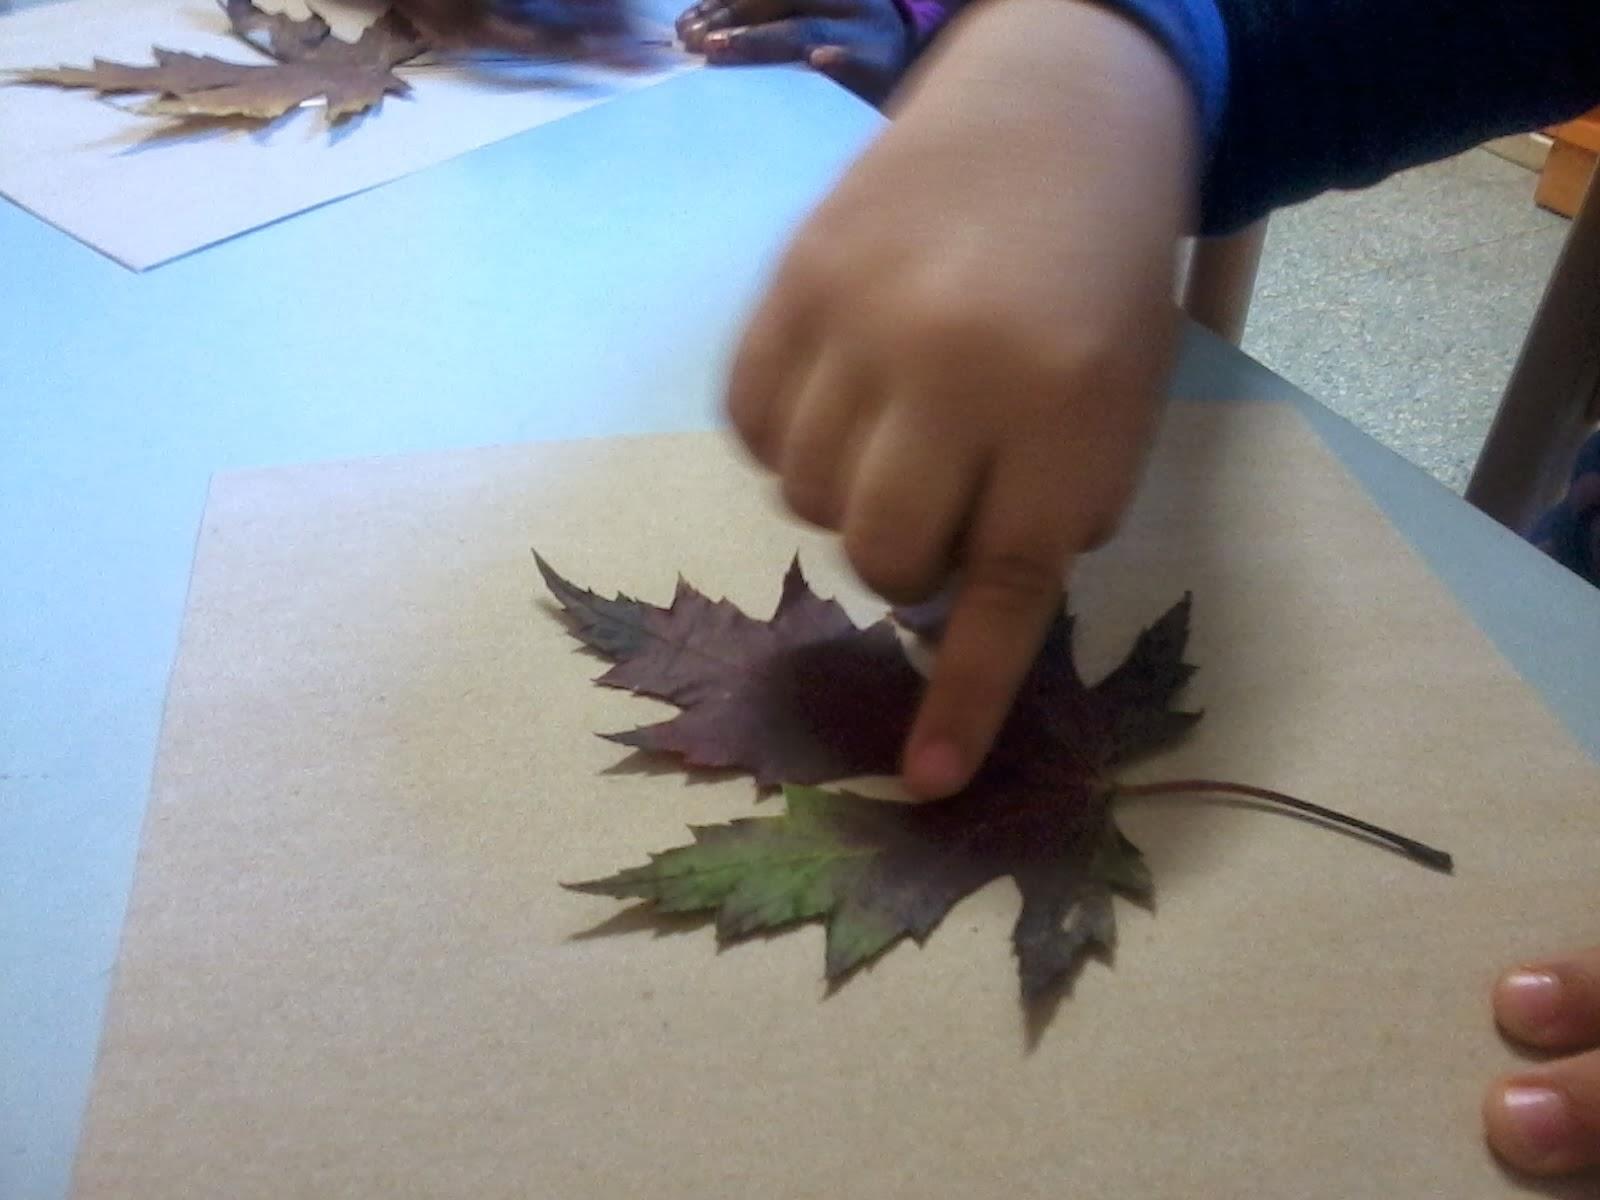 Maestra laura la foglia e il suo contorno - Foglia canadese contorno foglia canadese ...